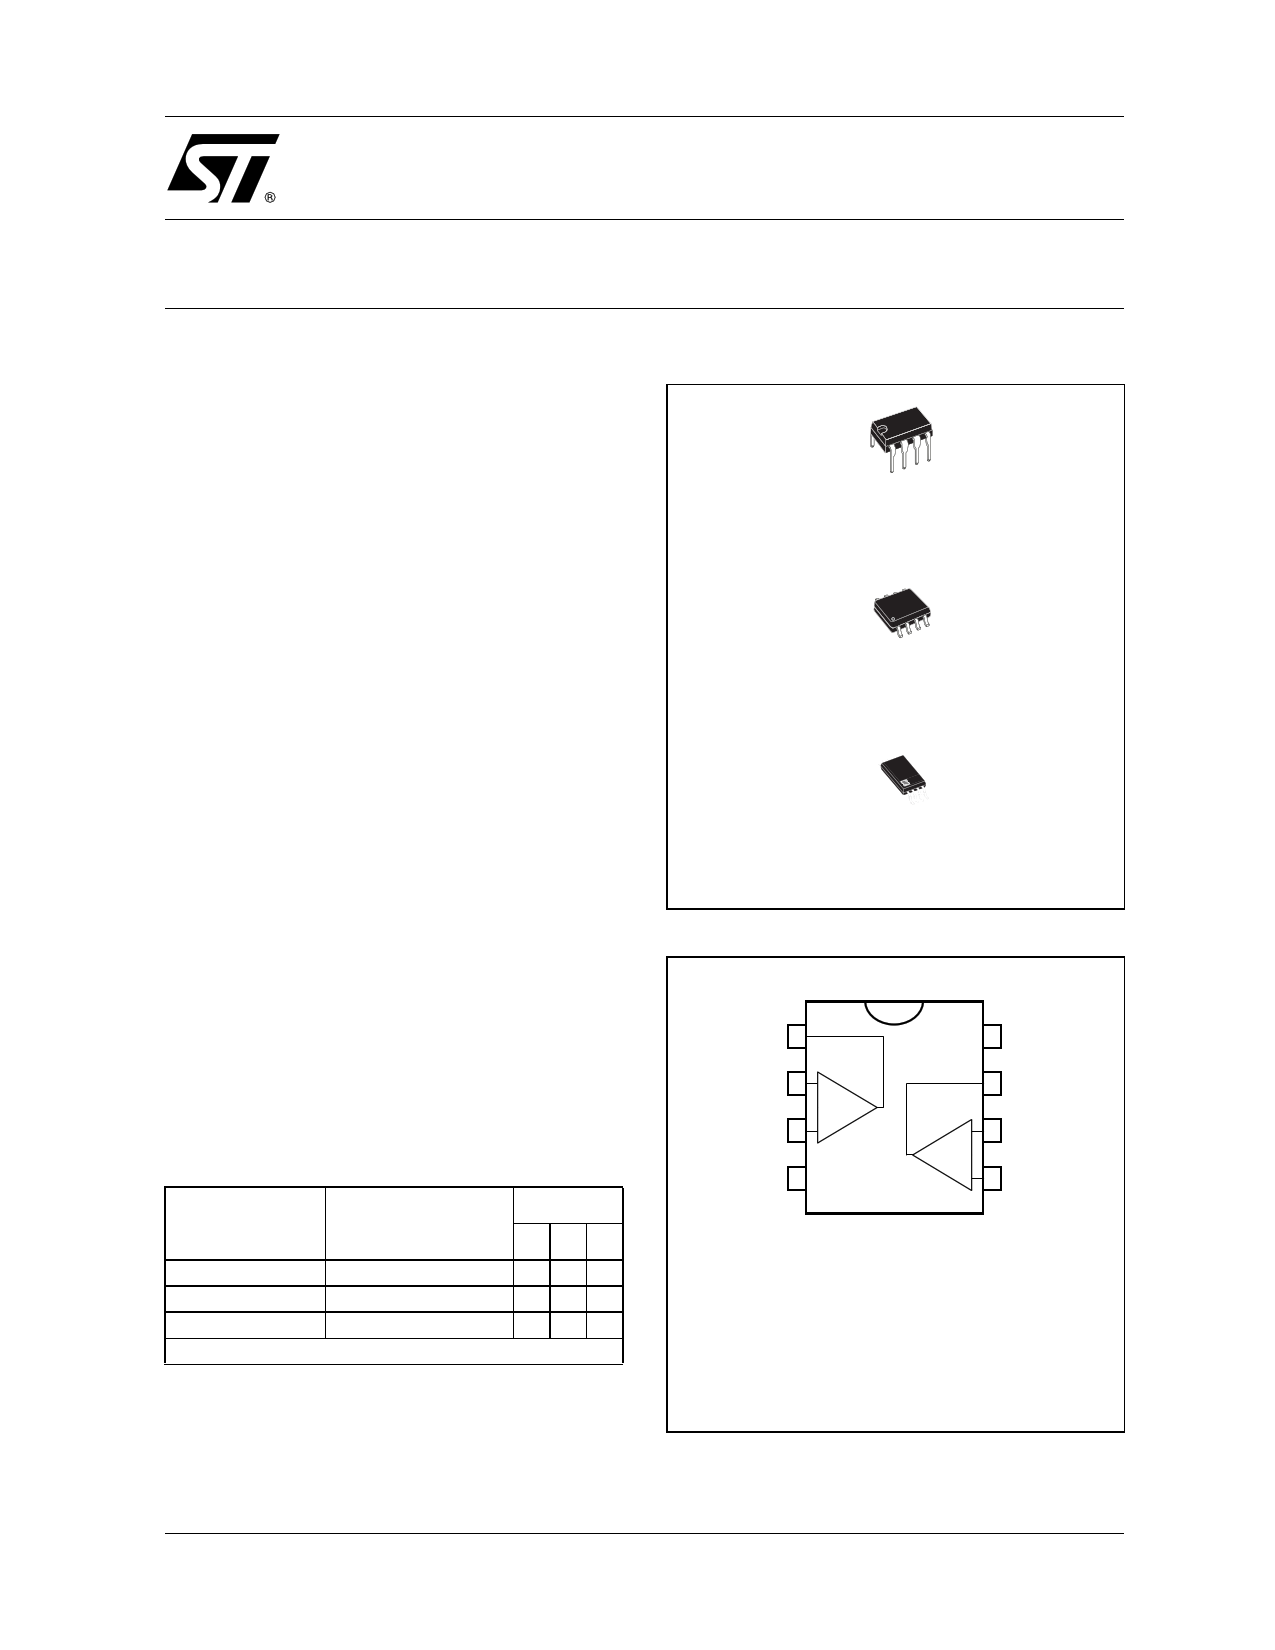 TS27M2AM Datasheet, TS27M2AM PDF,ピン配置, 機能